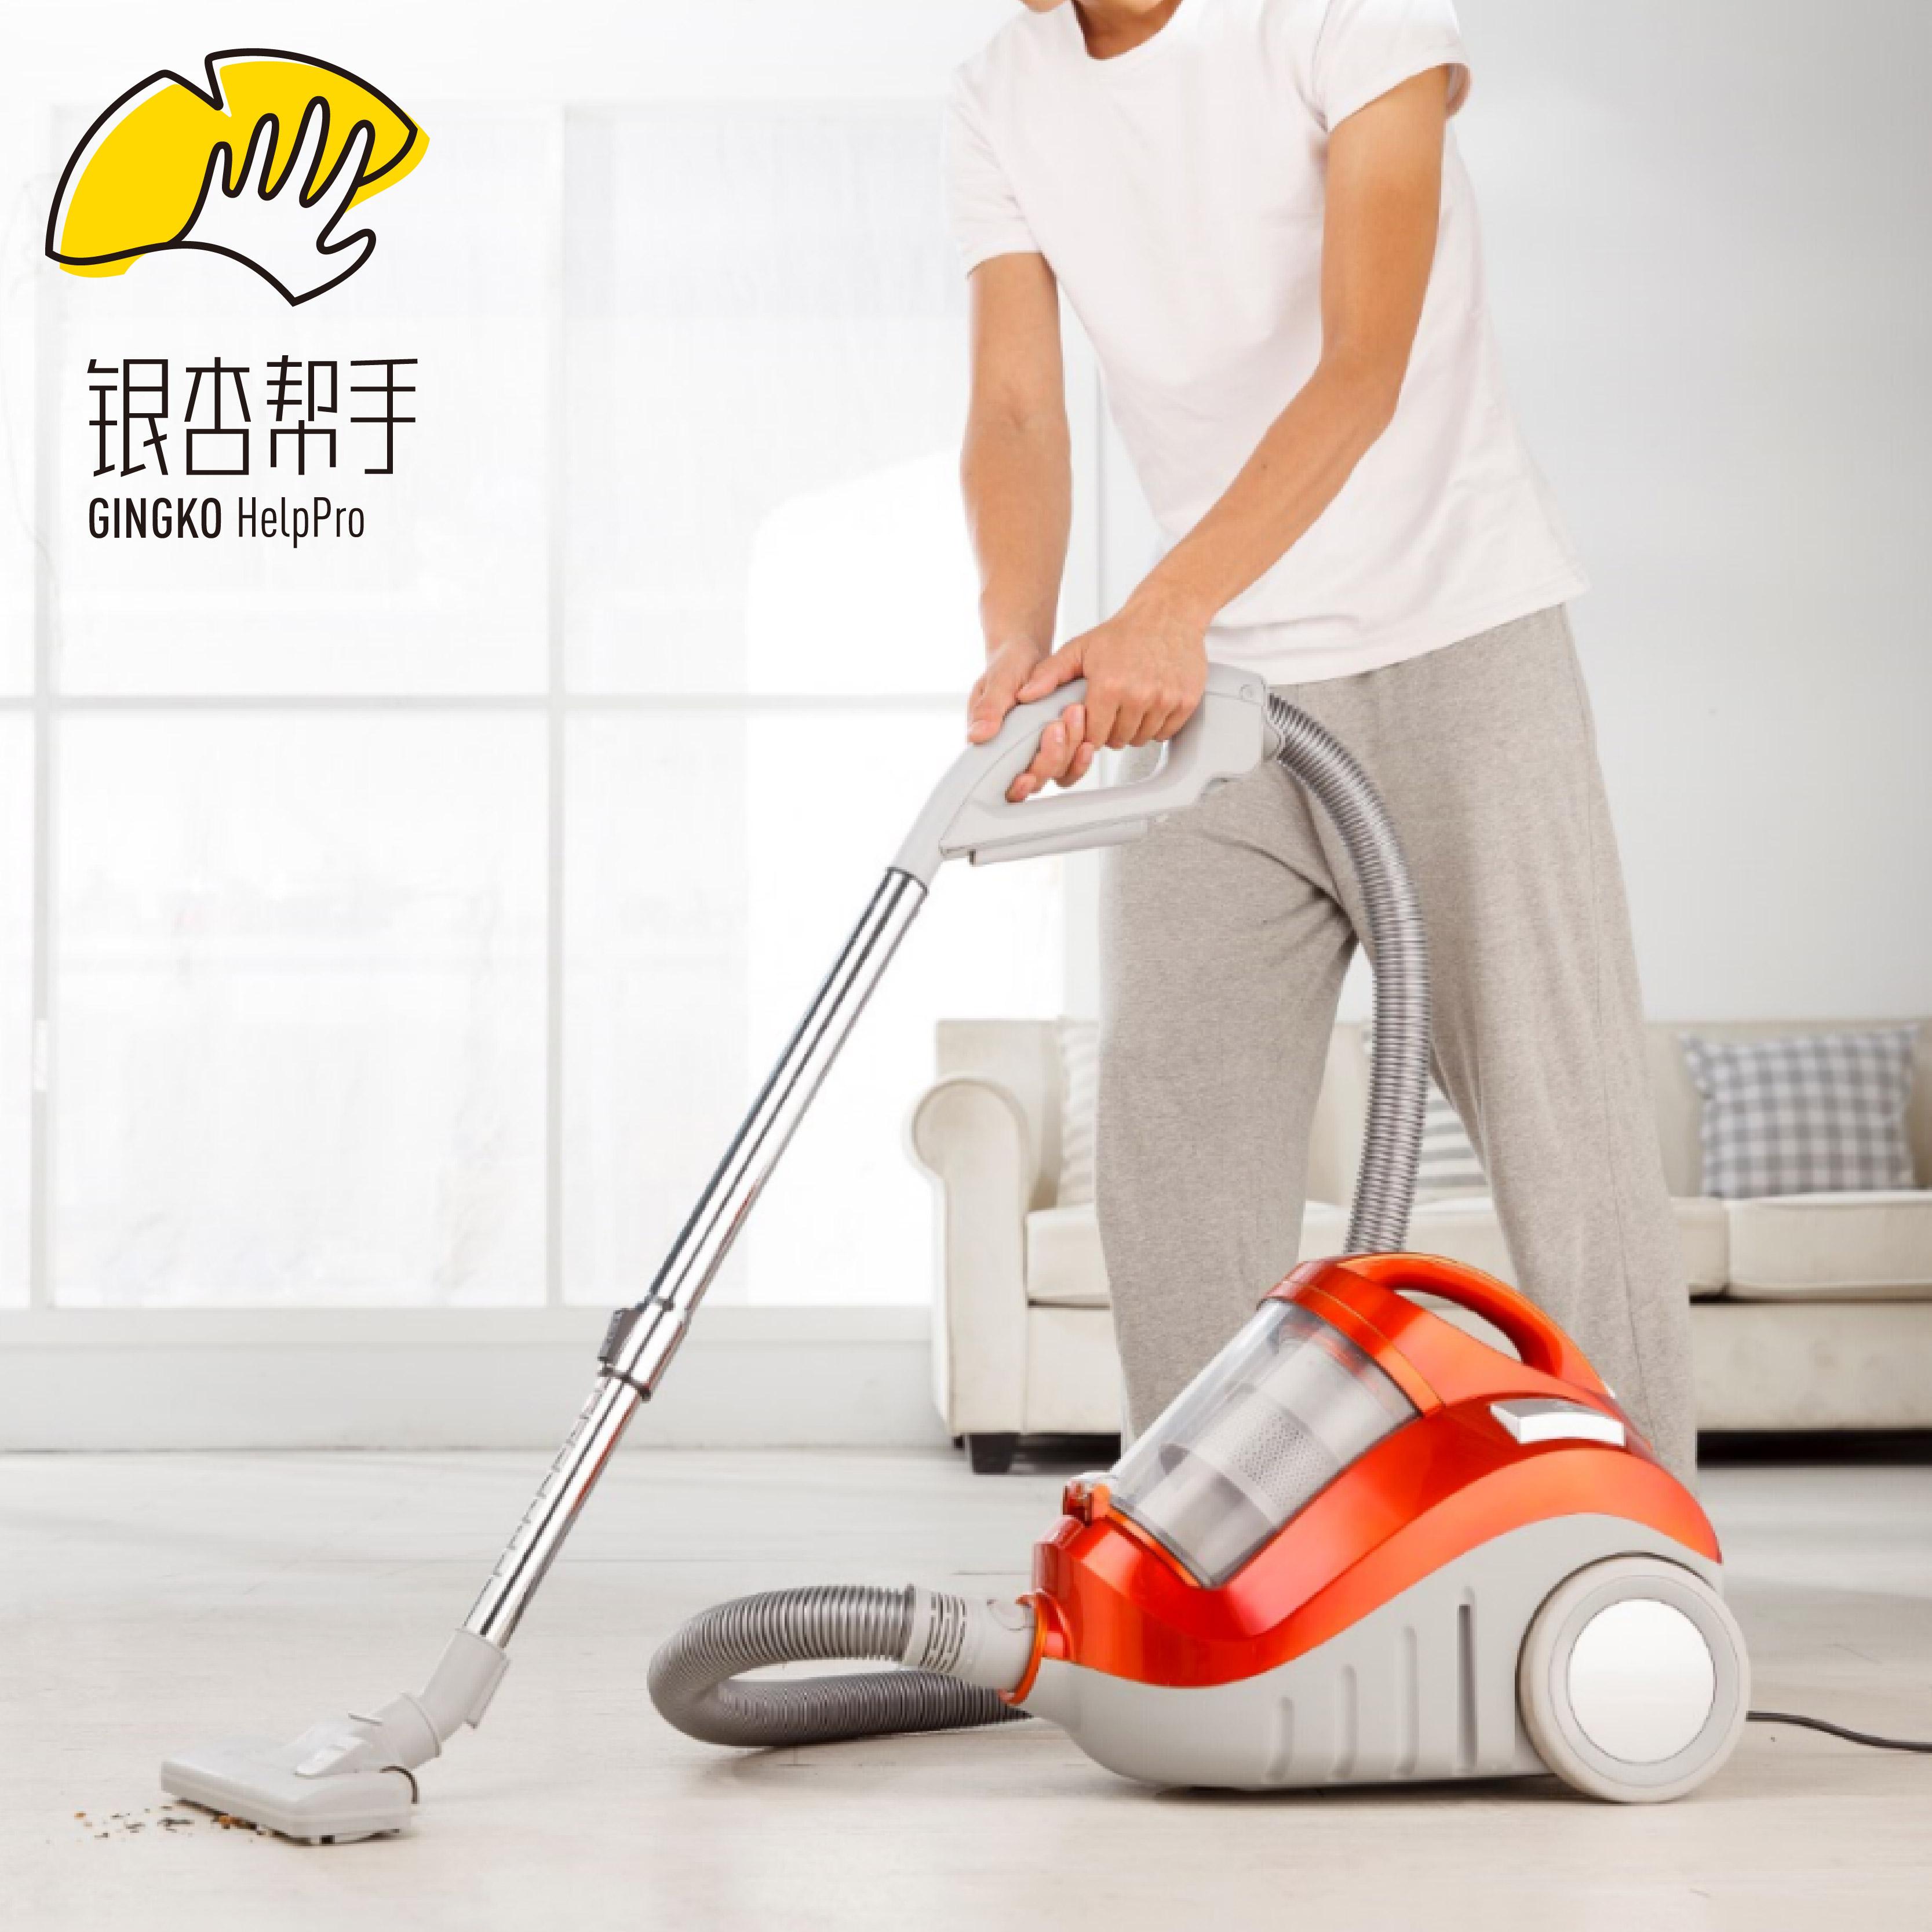 银杏帮手深度清洁